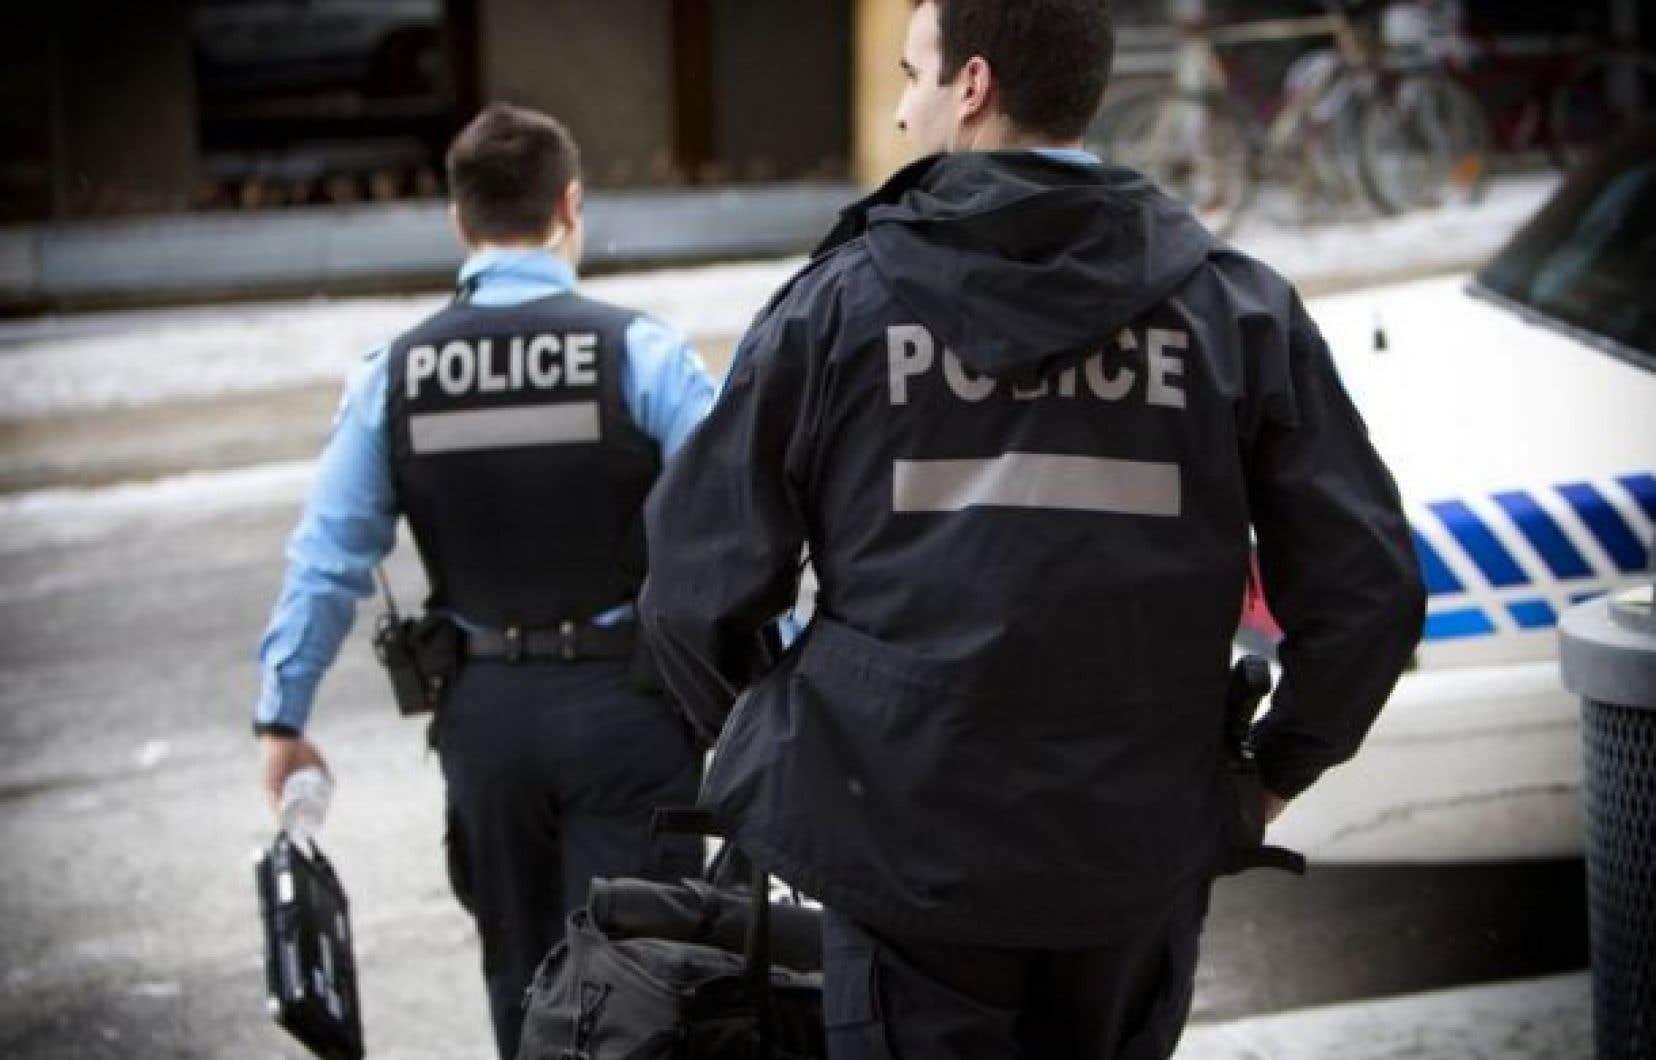 Des policiers du Service de police de la Ville de Montréal ont intercepté dimanche un individu fortement intoxiqué qui aurait refusé de collaborer.